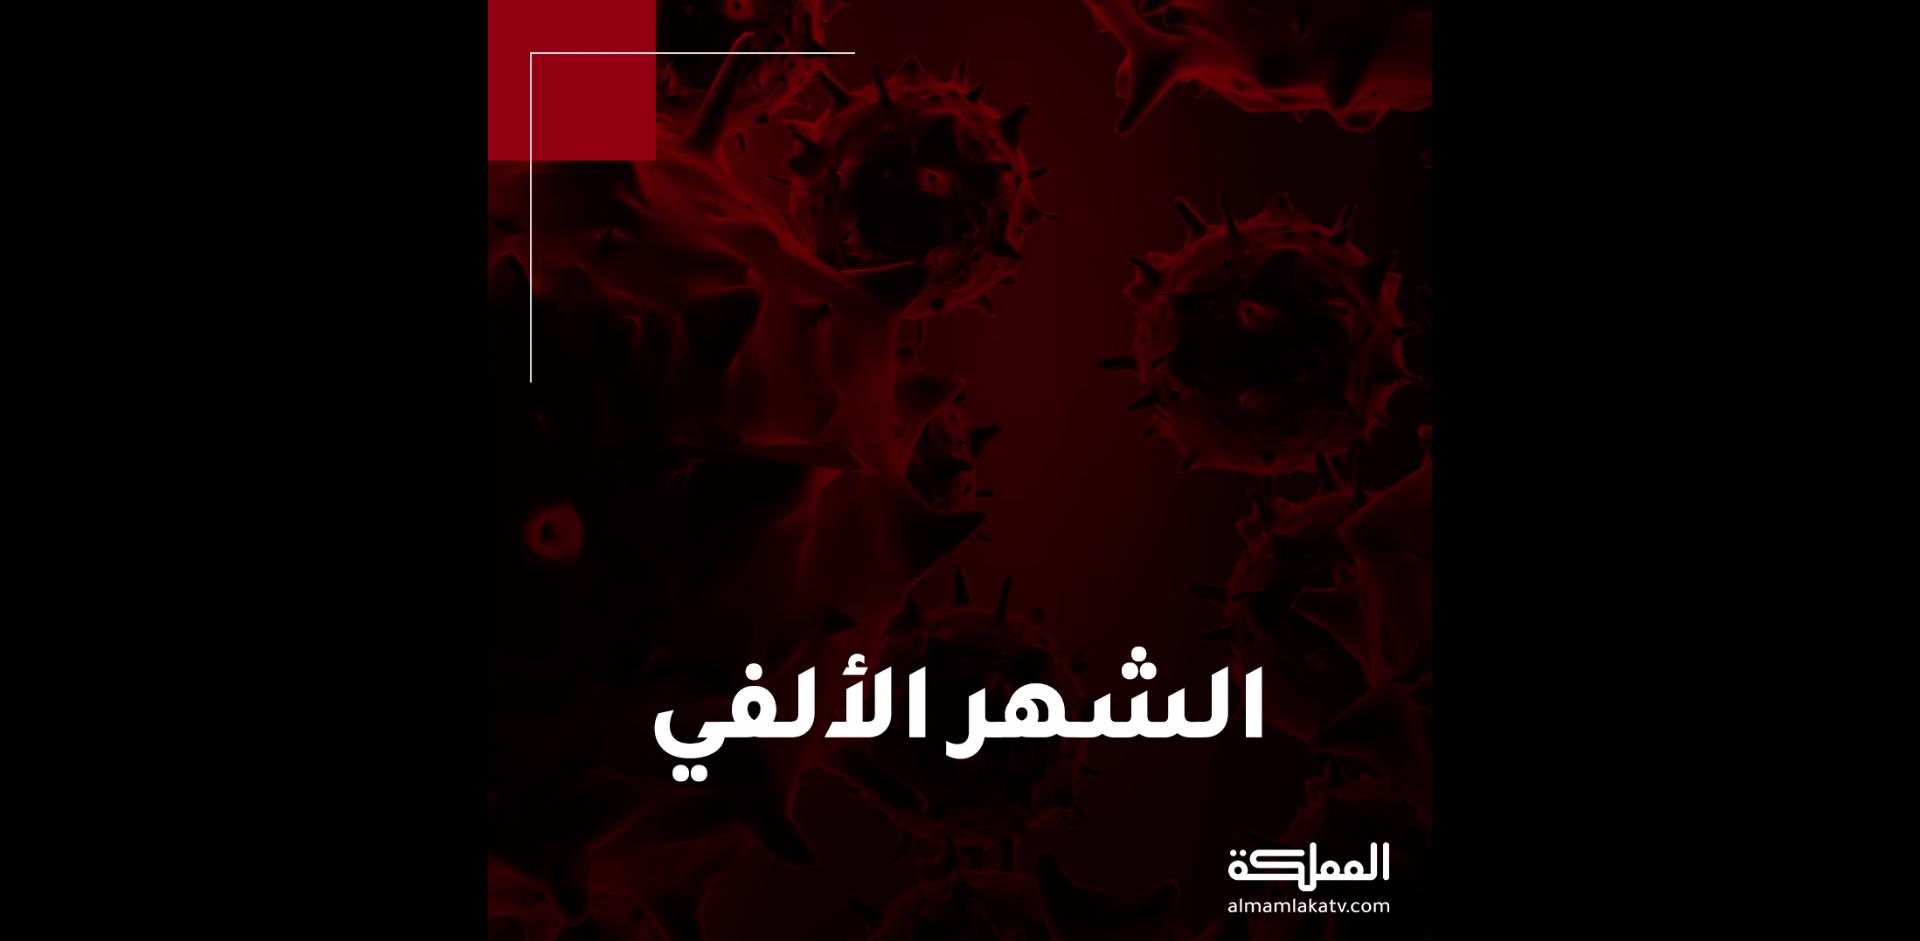 شهر واحد يرفع إصابات كورونا في الأردن 1246 إصابة وهو نصف عدد الإصابات منذ بدء الجائحة